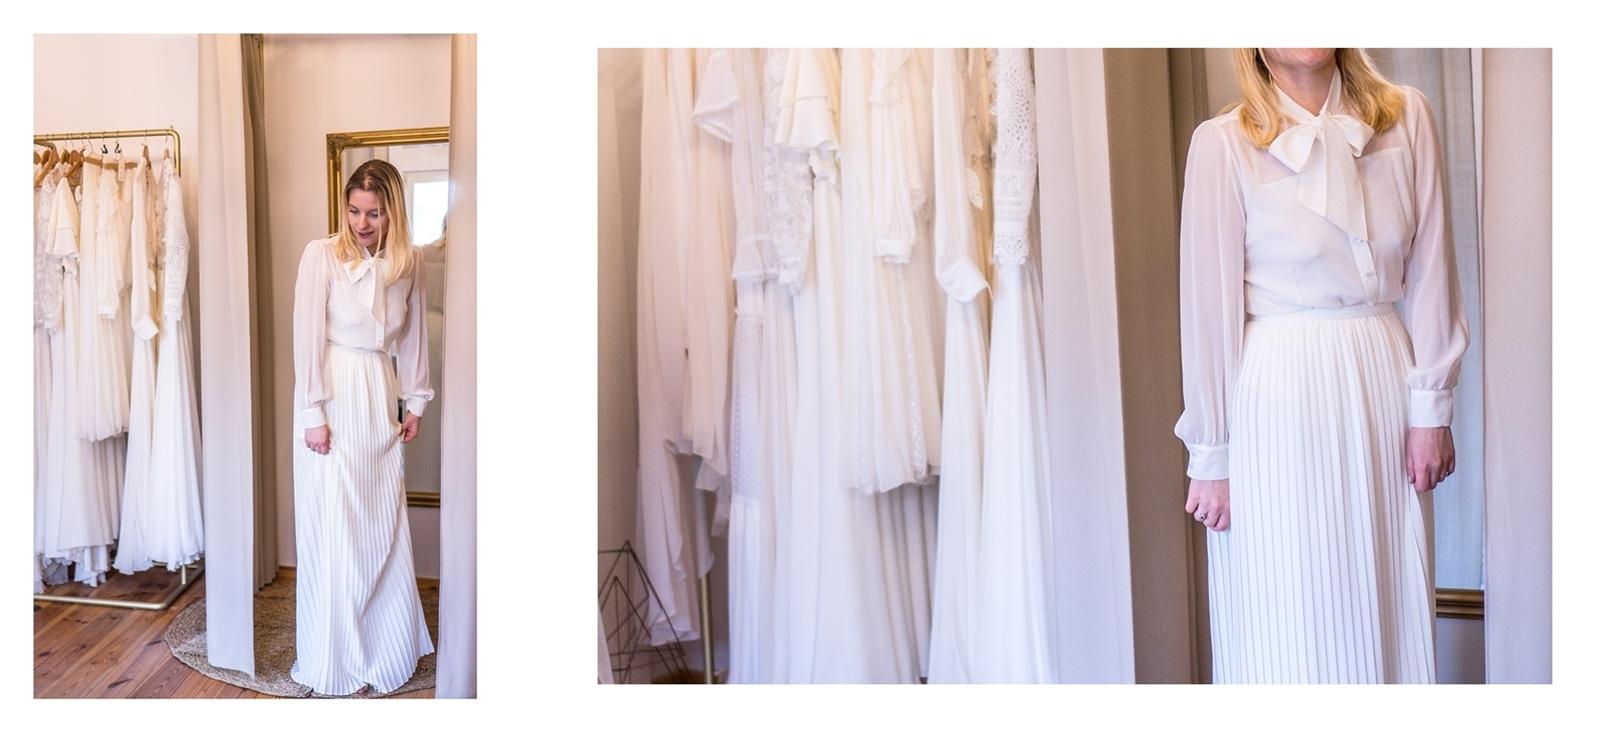 2a kiedy suknia ślubna kiedy suknie ślubne są najtańsze suknie ślubne do 5 tysięcy kiedy zamówić suknie ślubną poznań warszawa łódź kraków wrocław gdańsk